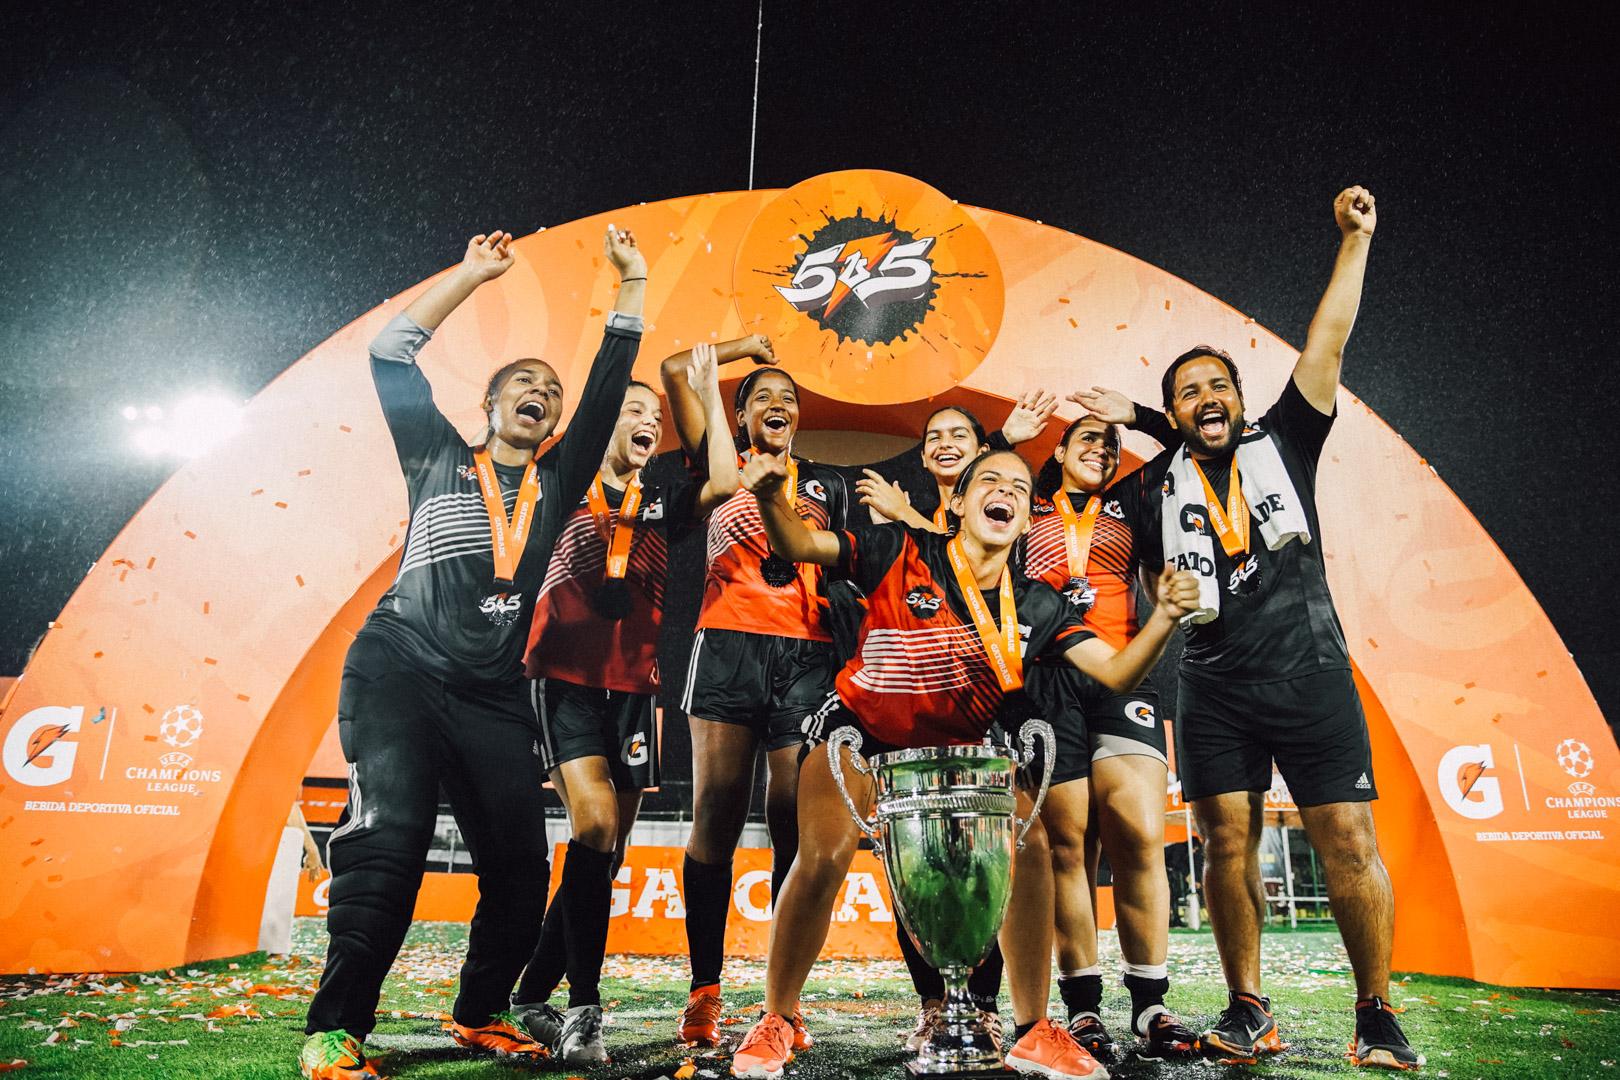 Piratas yCaribbeanse coronaron campeones en torneo de fútbol 5v5